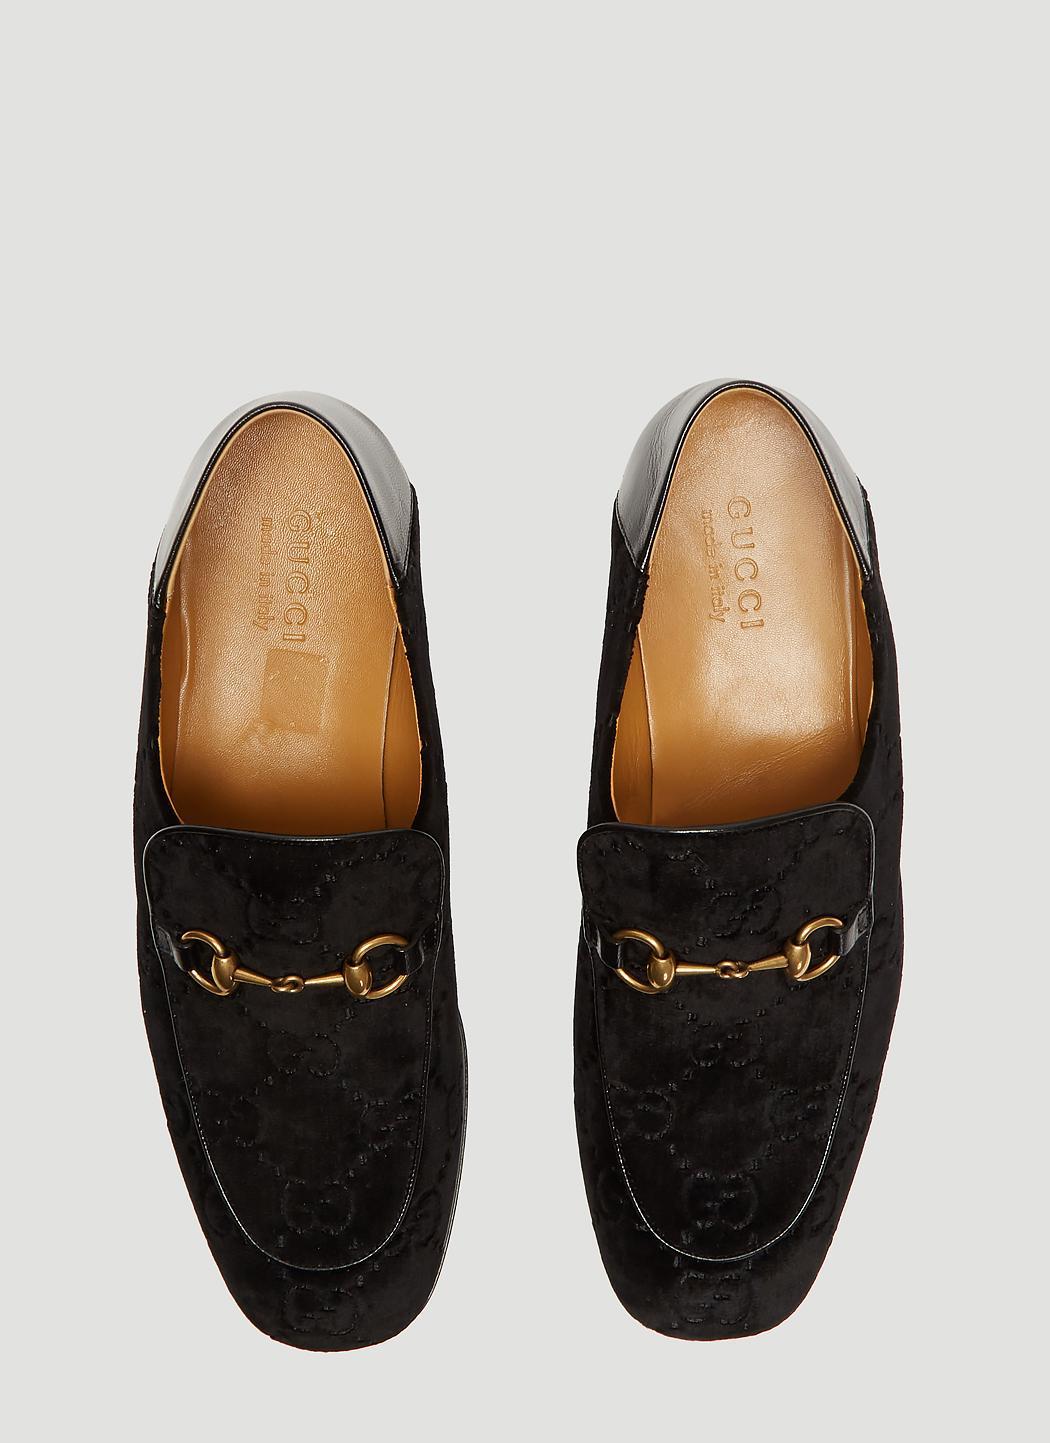 a38315a26 Gucci - GG Velvet Fold Loafer In Black for Men - Lyst. View fullscreen